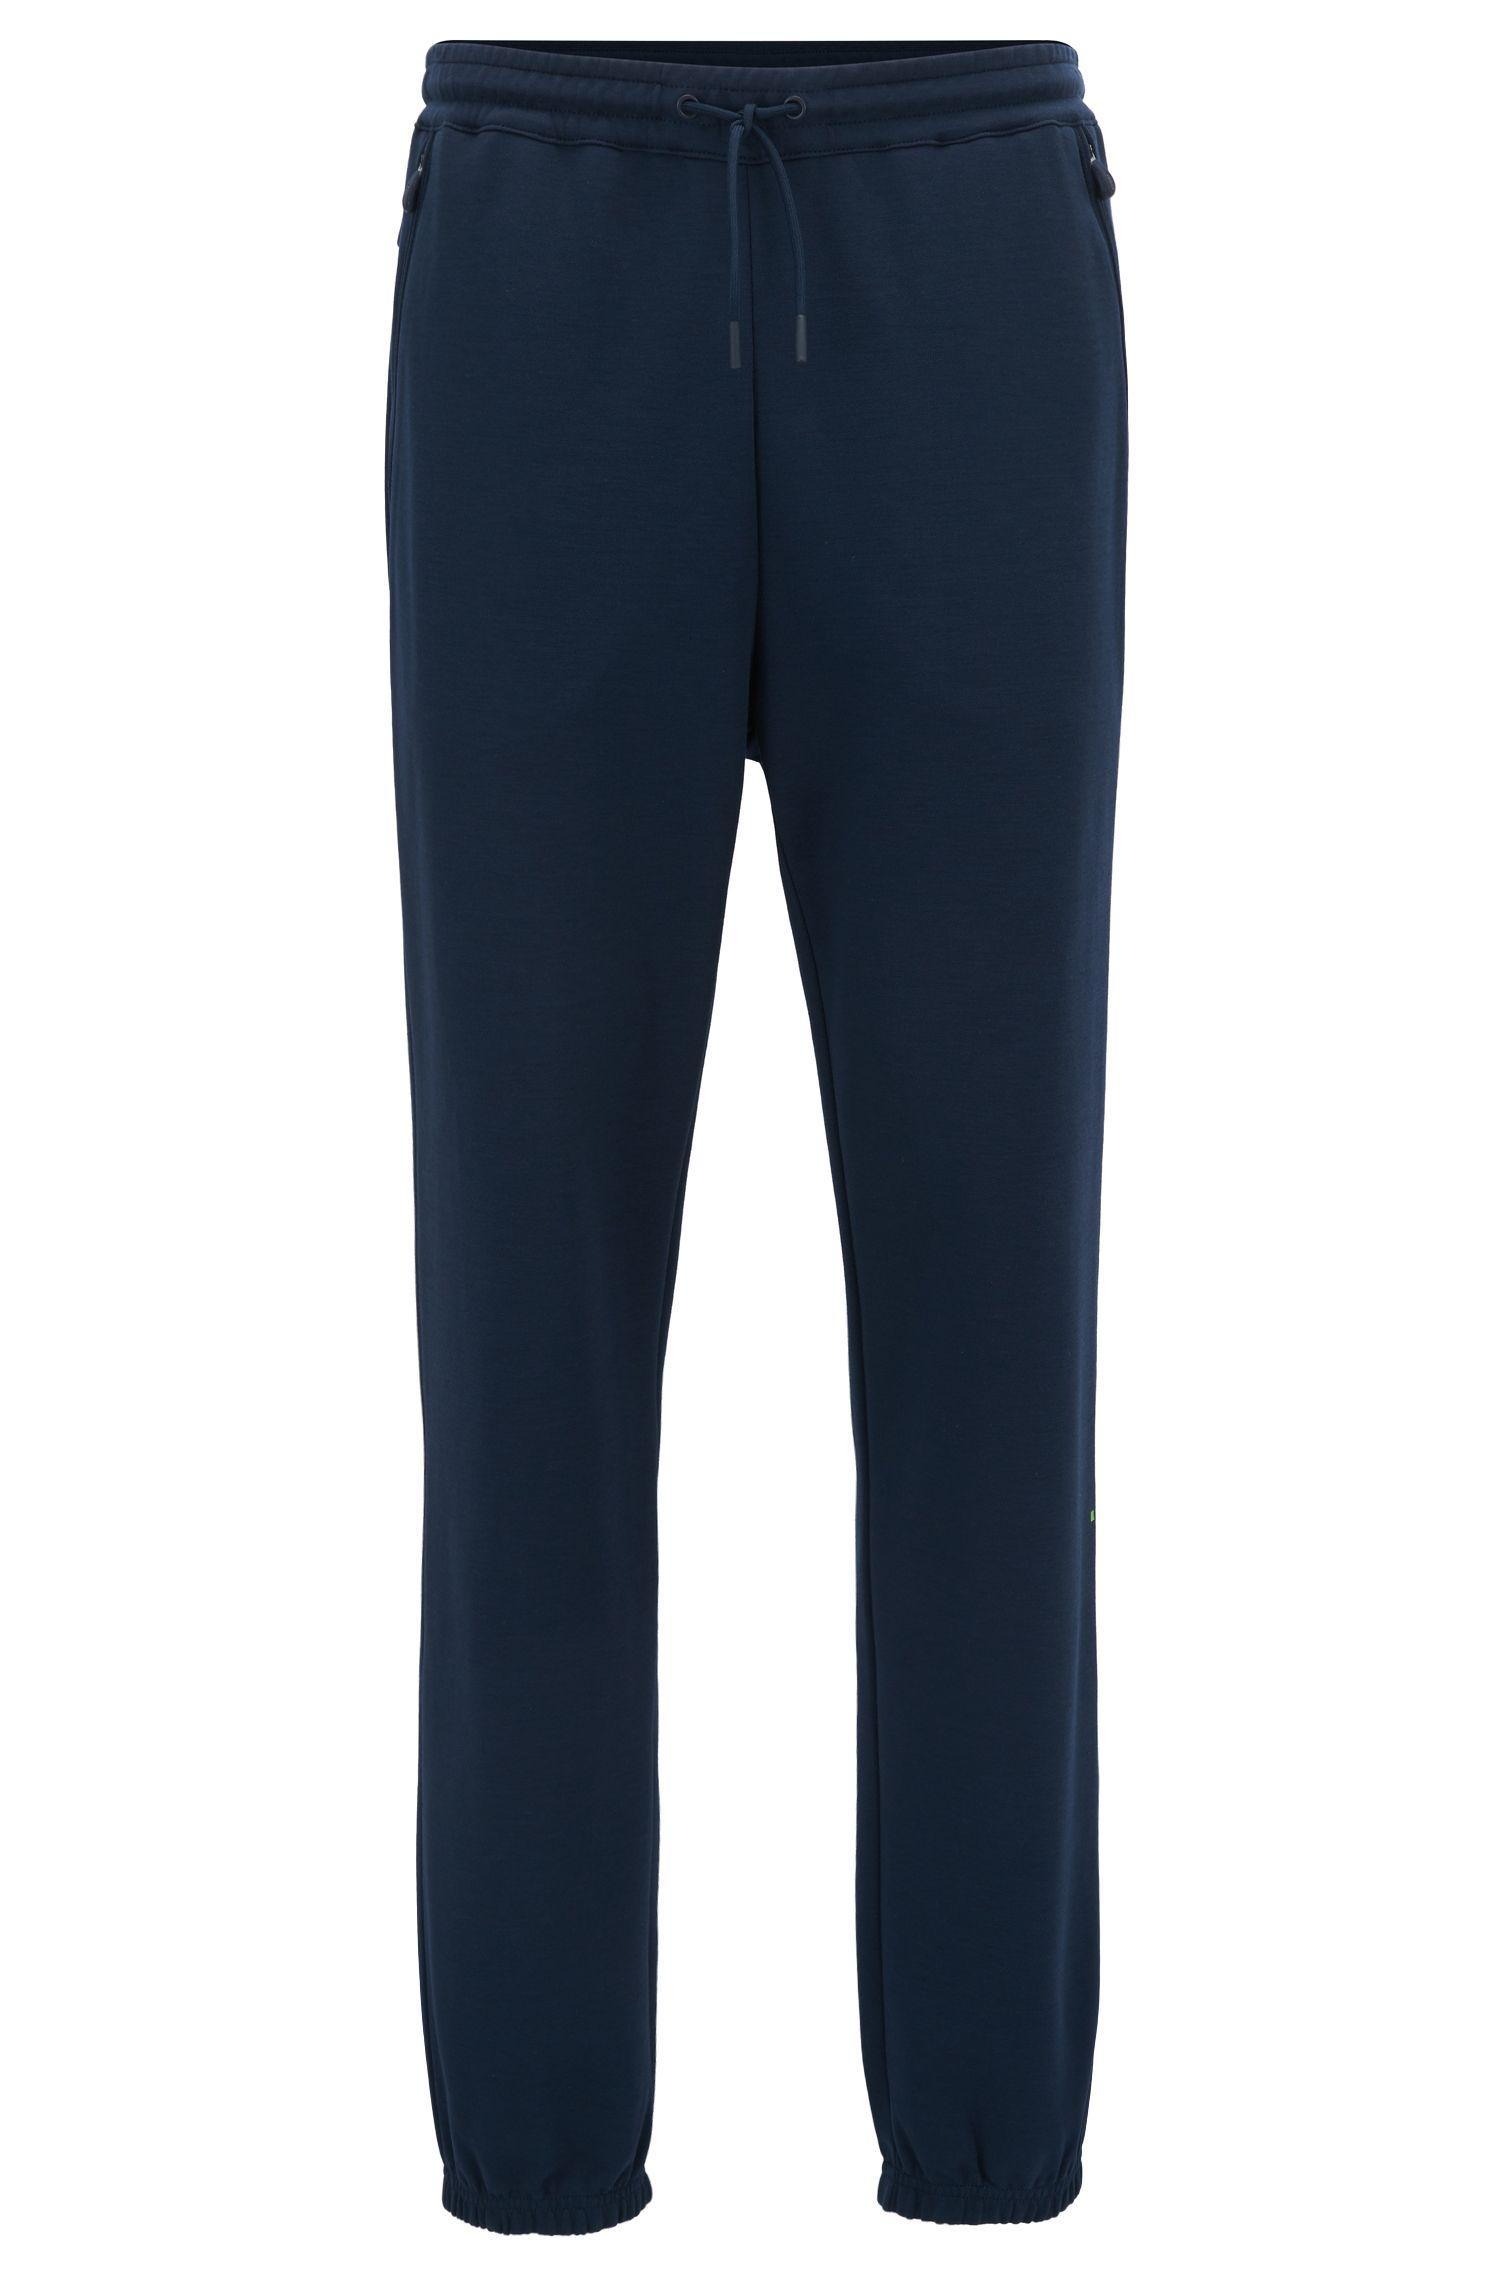 Pantalon Slim Fit en coton mélangé imperméable